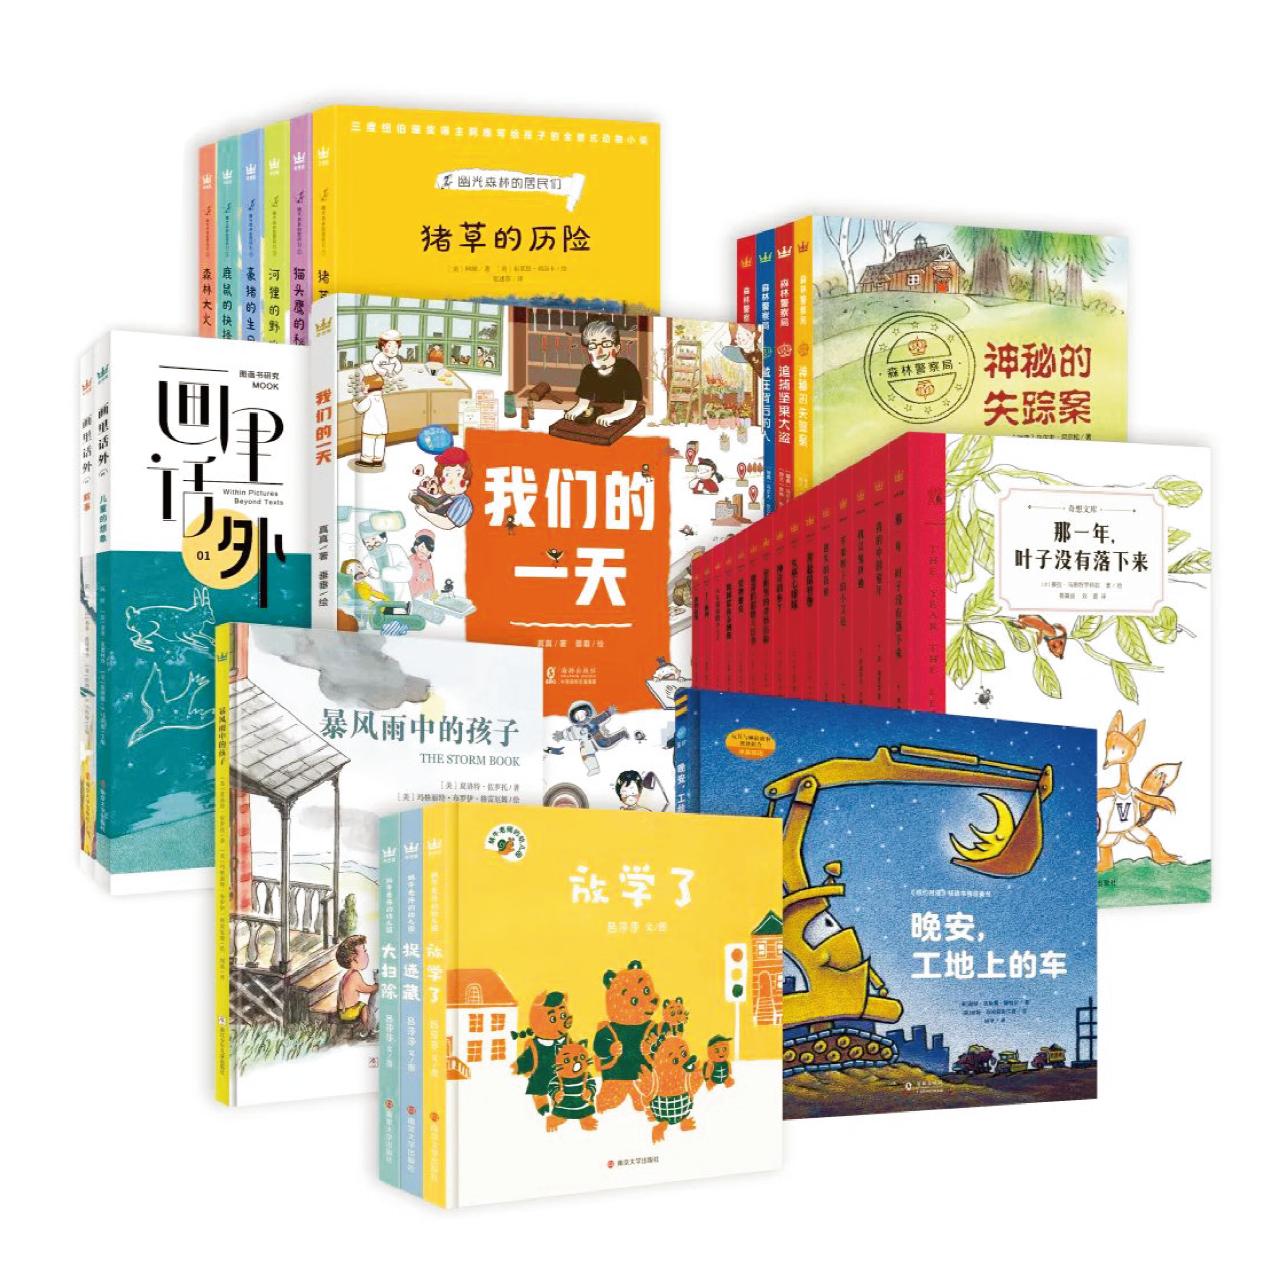 黄晓燕:给孩子们一个奇思妙想的国度